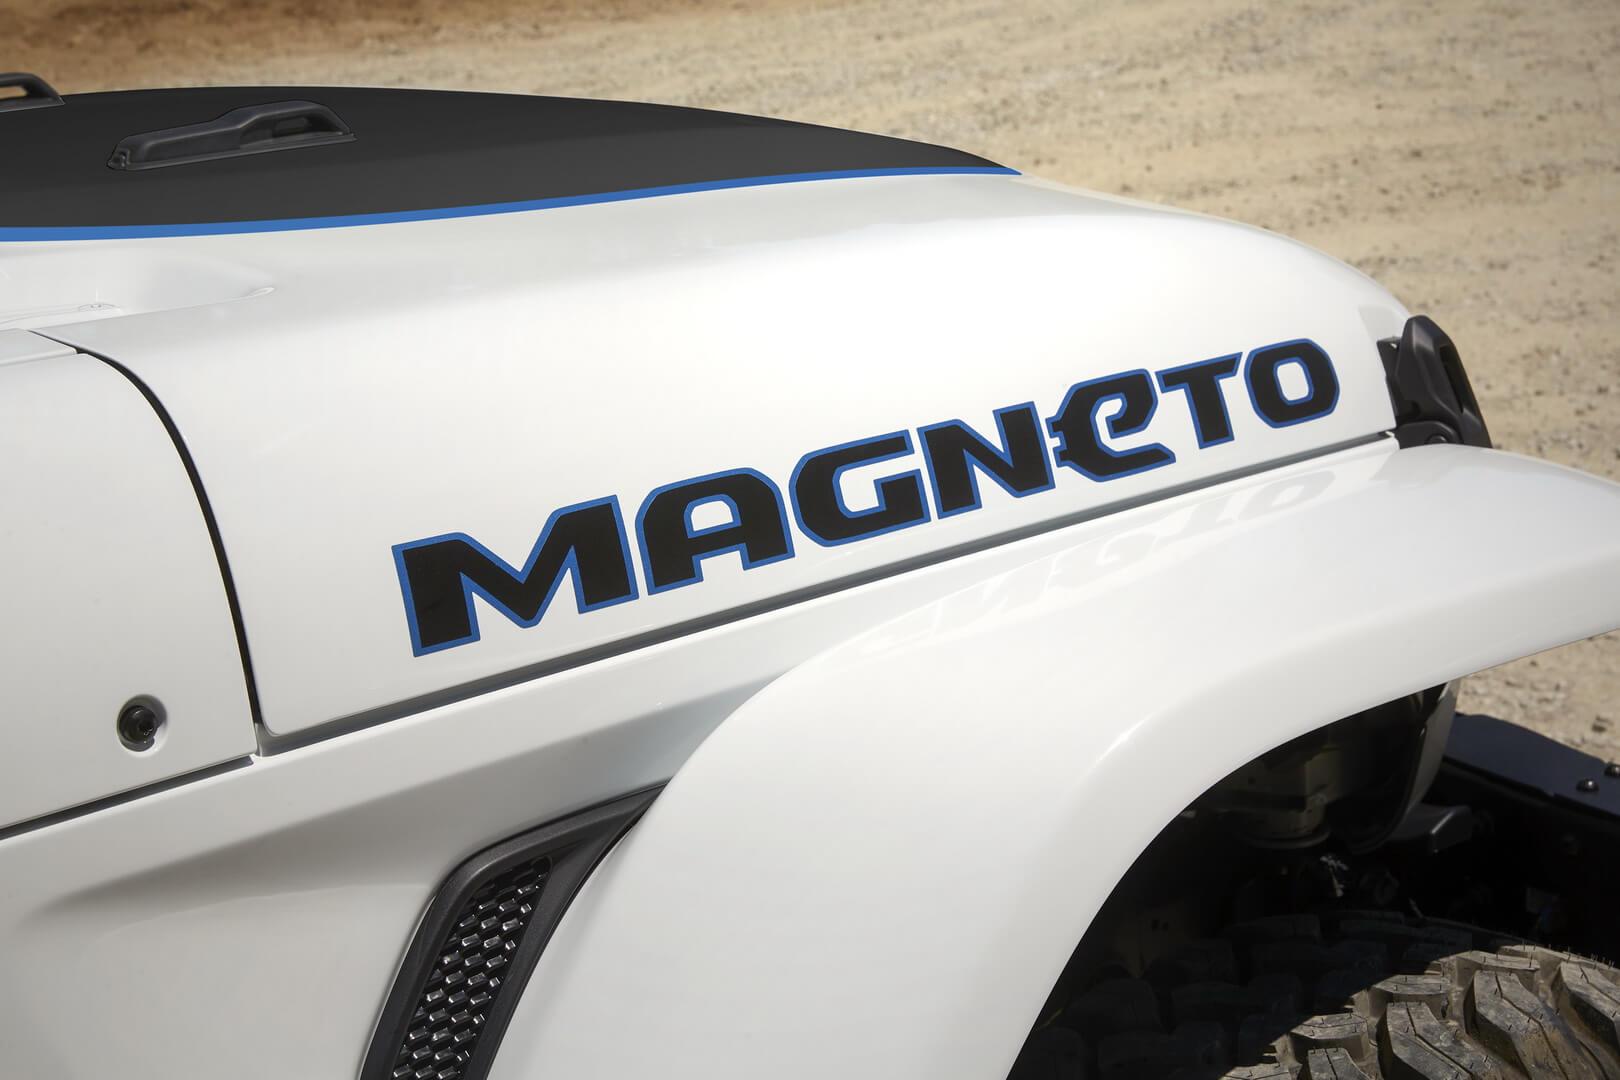 Jeep представил электрический внедорожник Wrangler Magneto для пасхального сафари